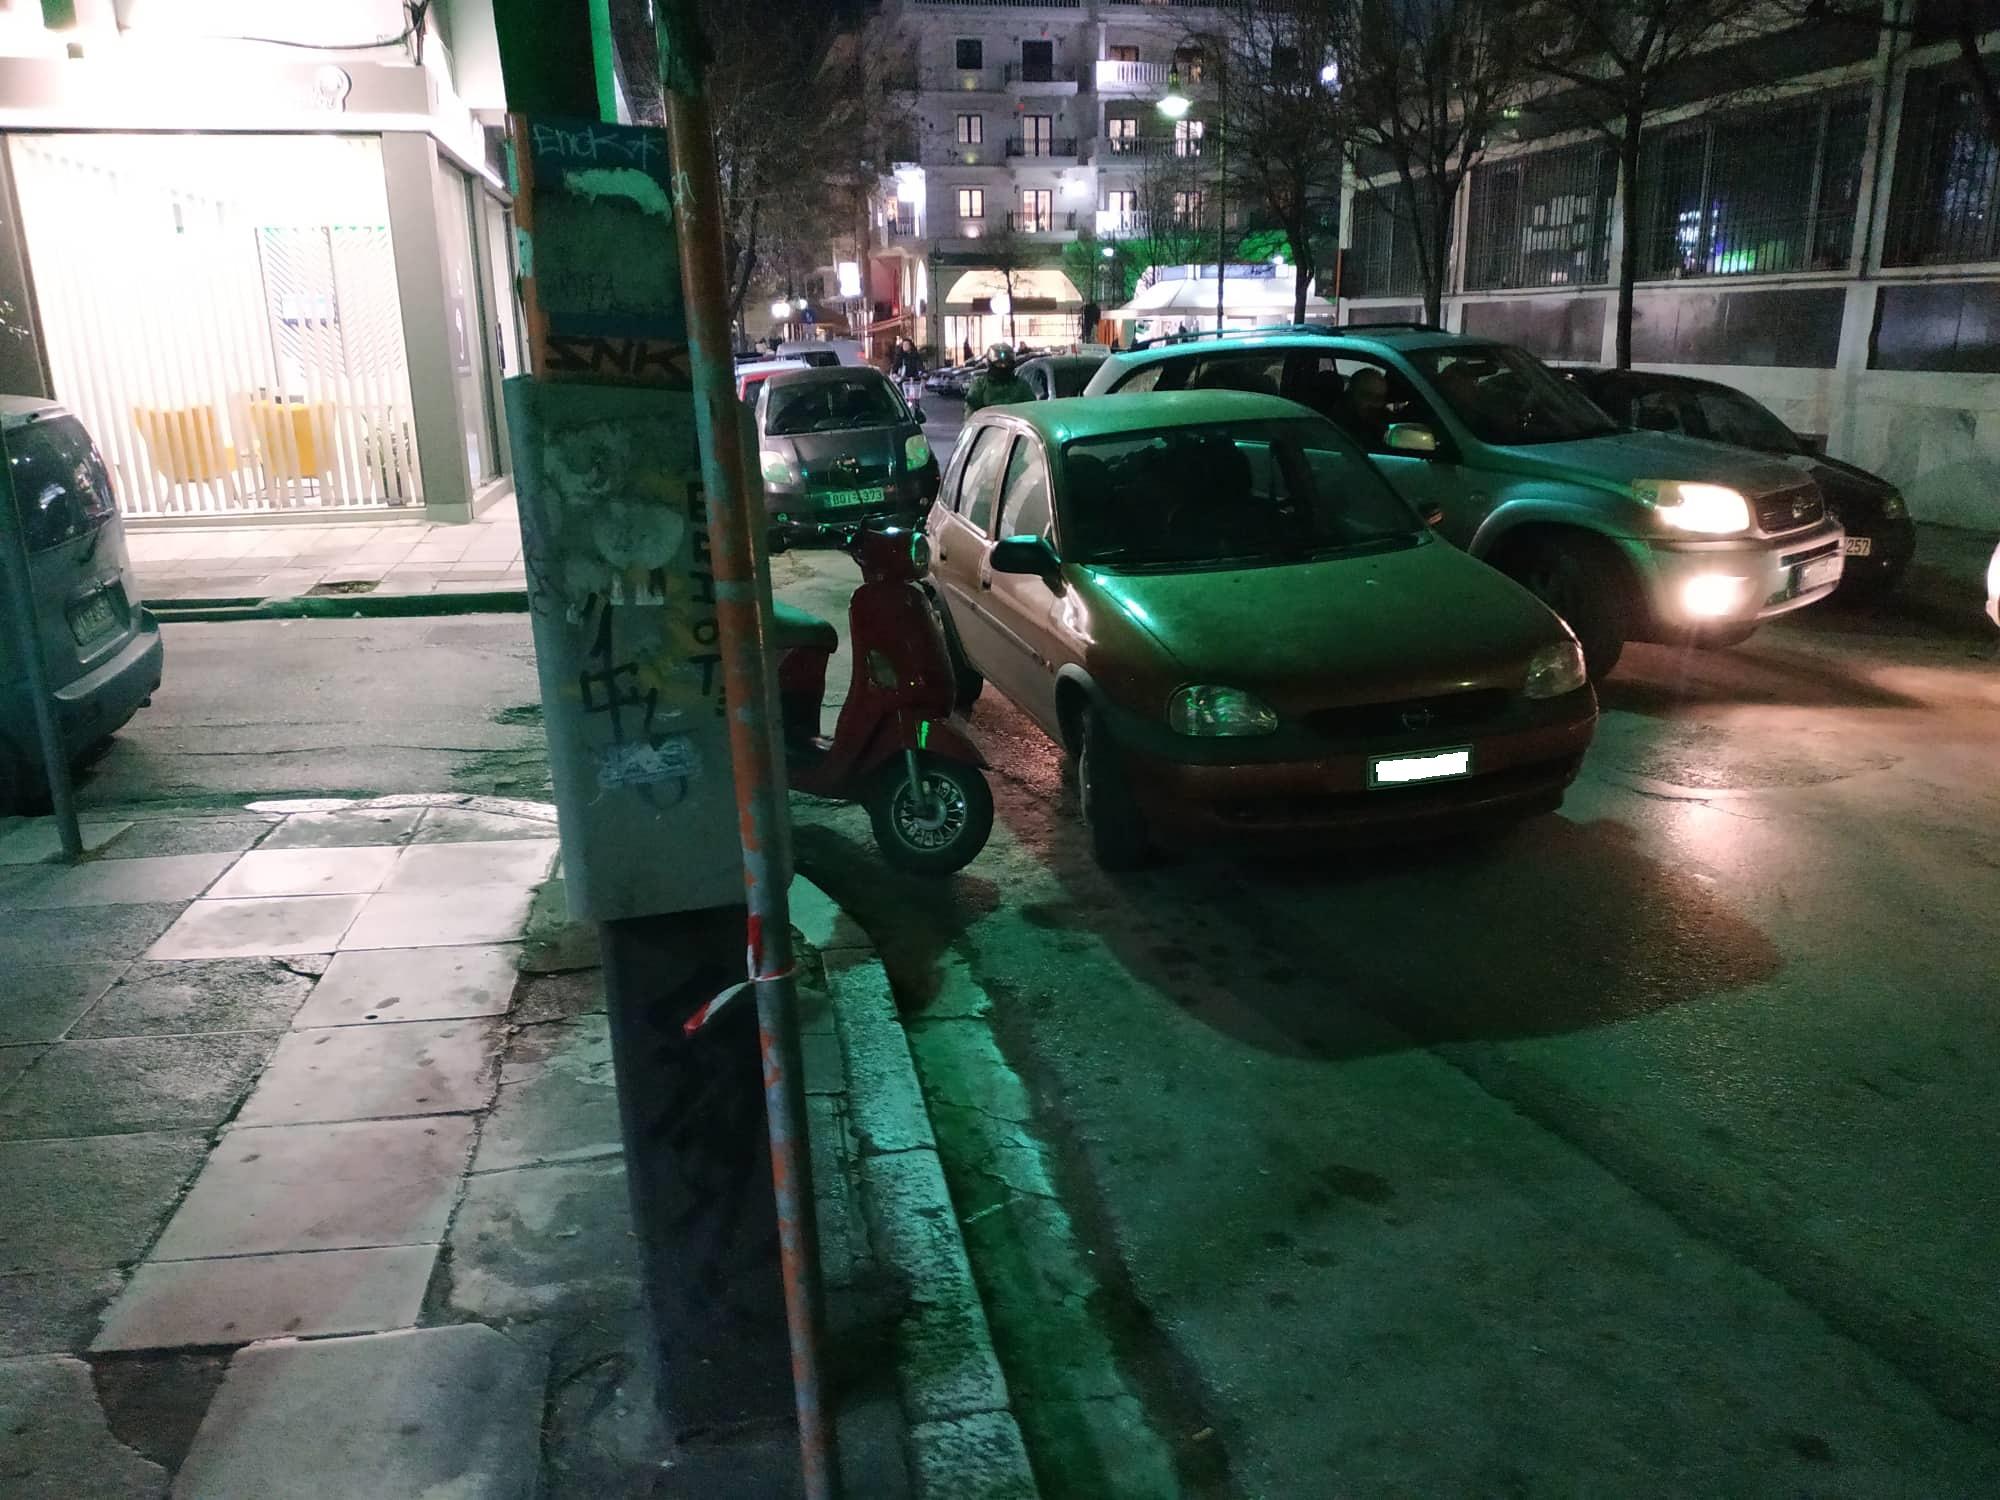 Εκεί βόλεψε, εκεί το άφησε… – Παρκάρισμα για όσκαρ δίπλα από την Περιφέρεια Θεσσαλίας (ΦΩΤΟ)